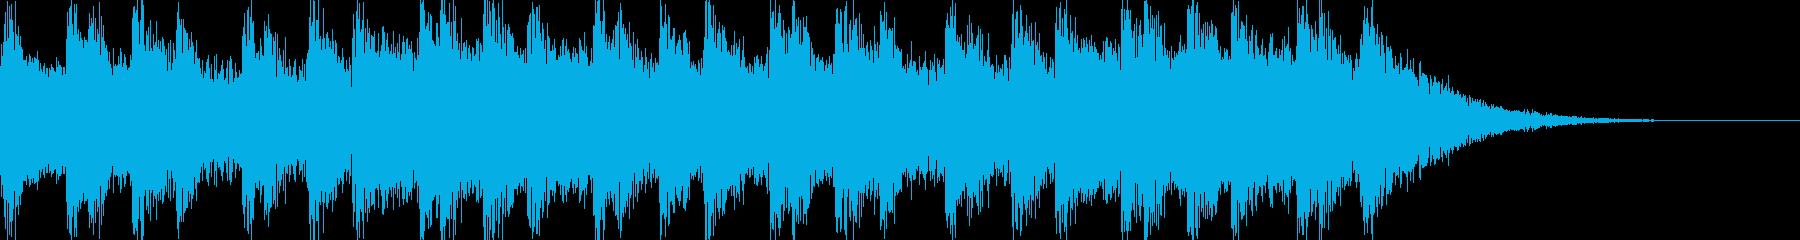 おしゃれかわいい幻想的ジングル・溶けるの再生済みの波形